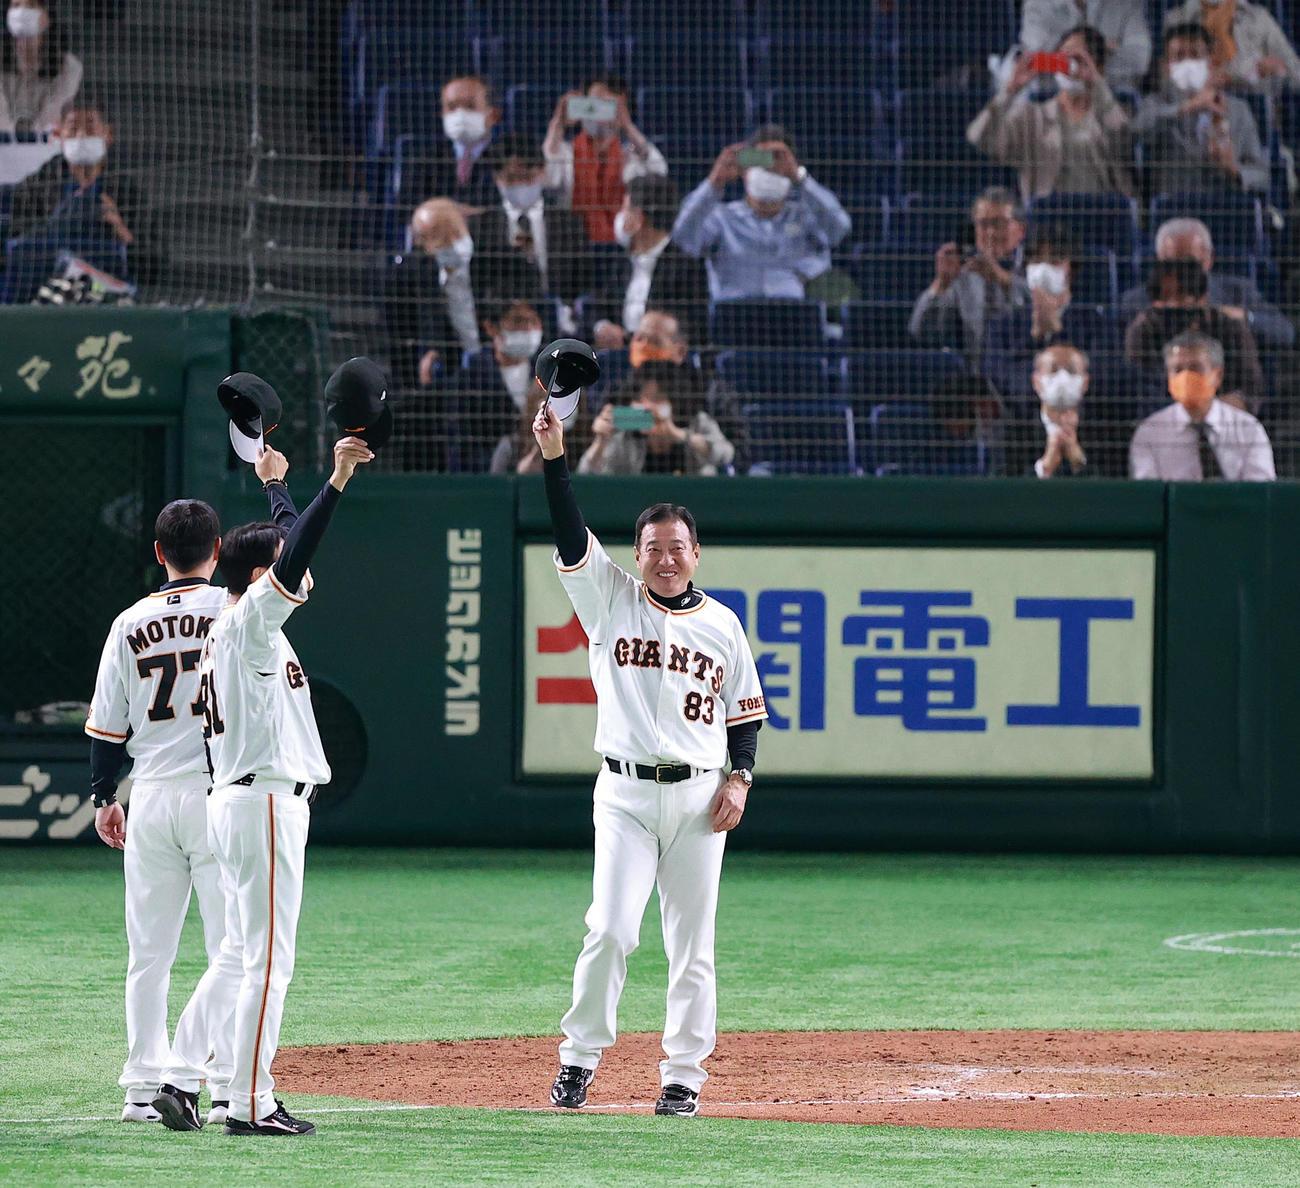 巨人対広島 3連勝で満面の笑みであいさつする巨人の原監督(撮影・浅見桂子)